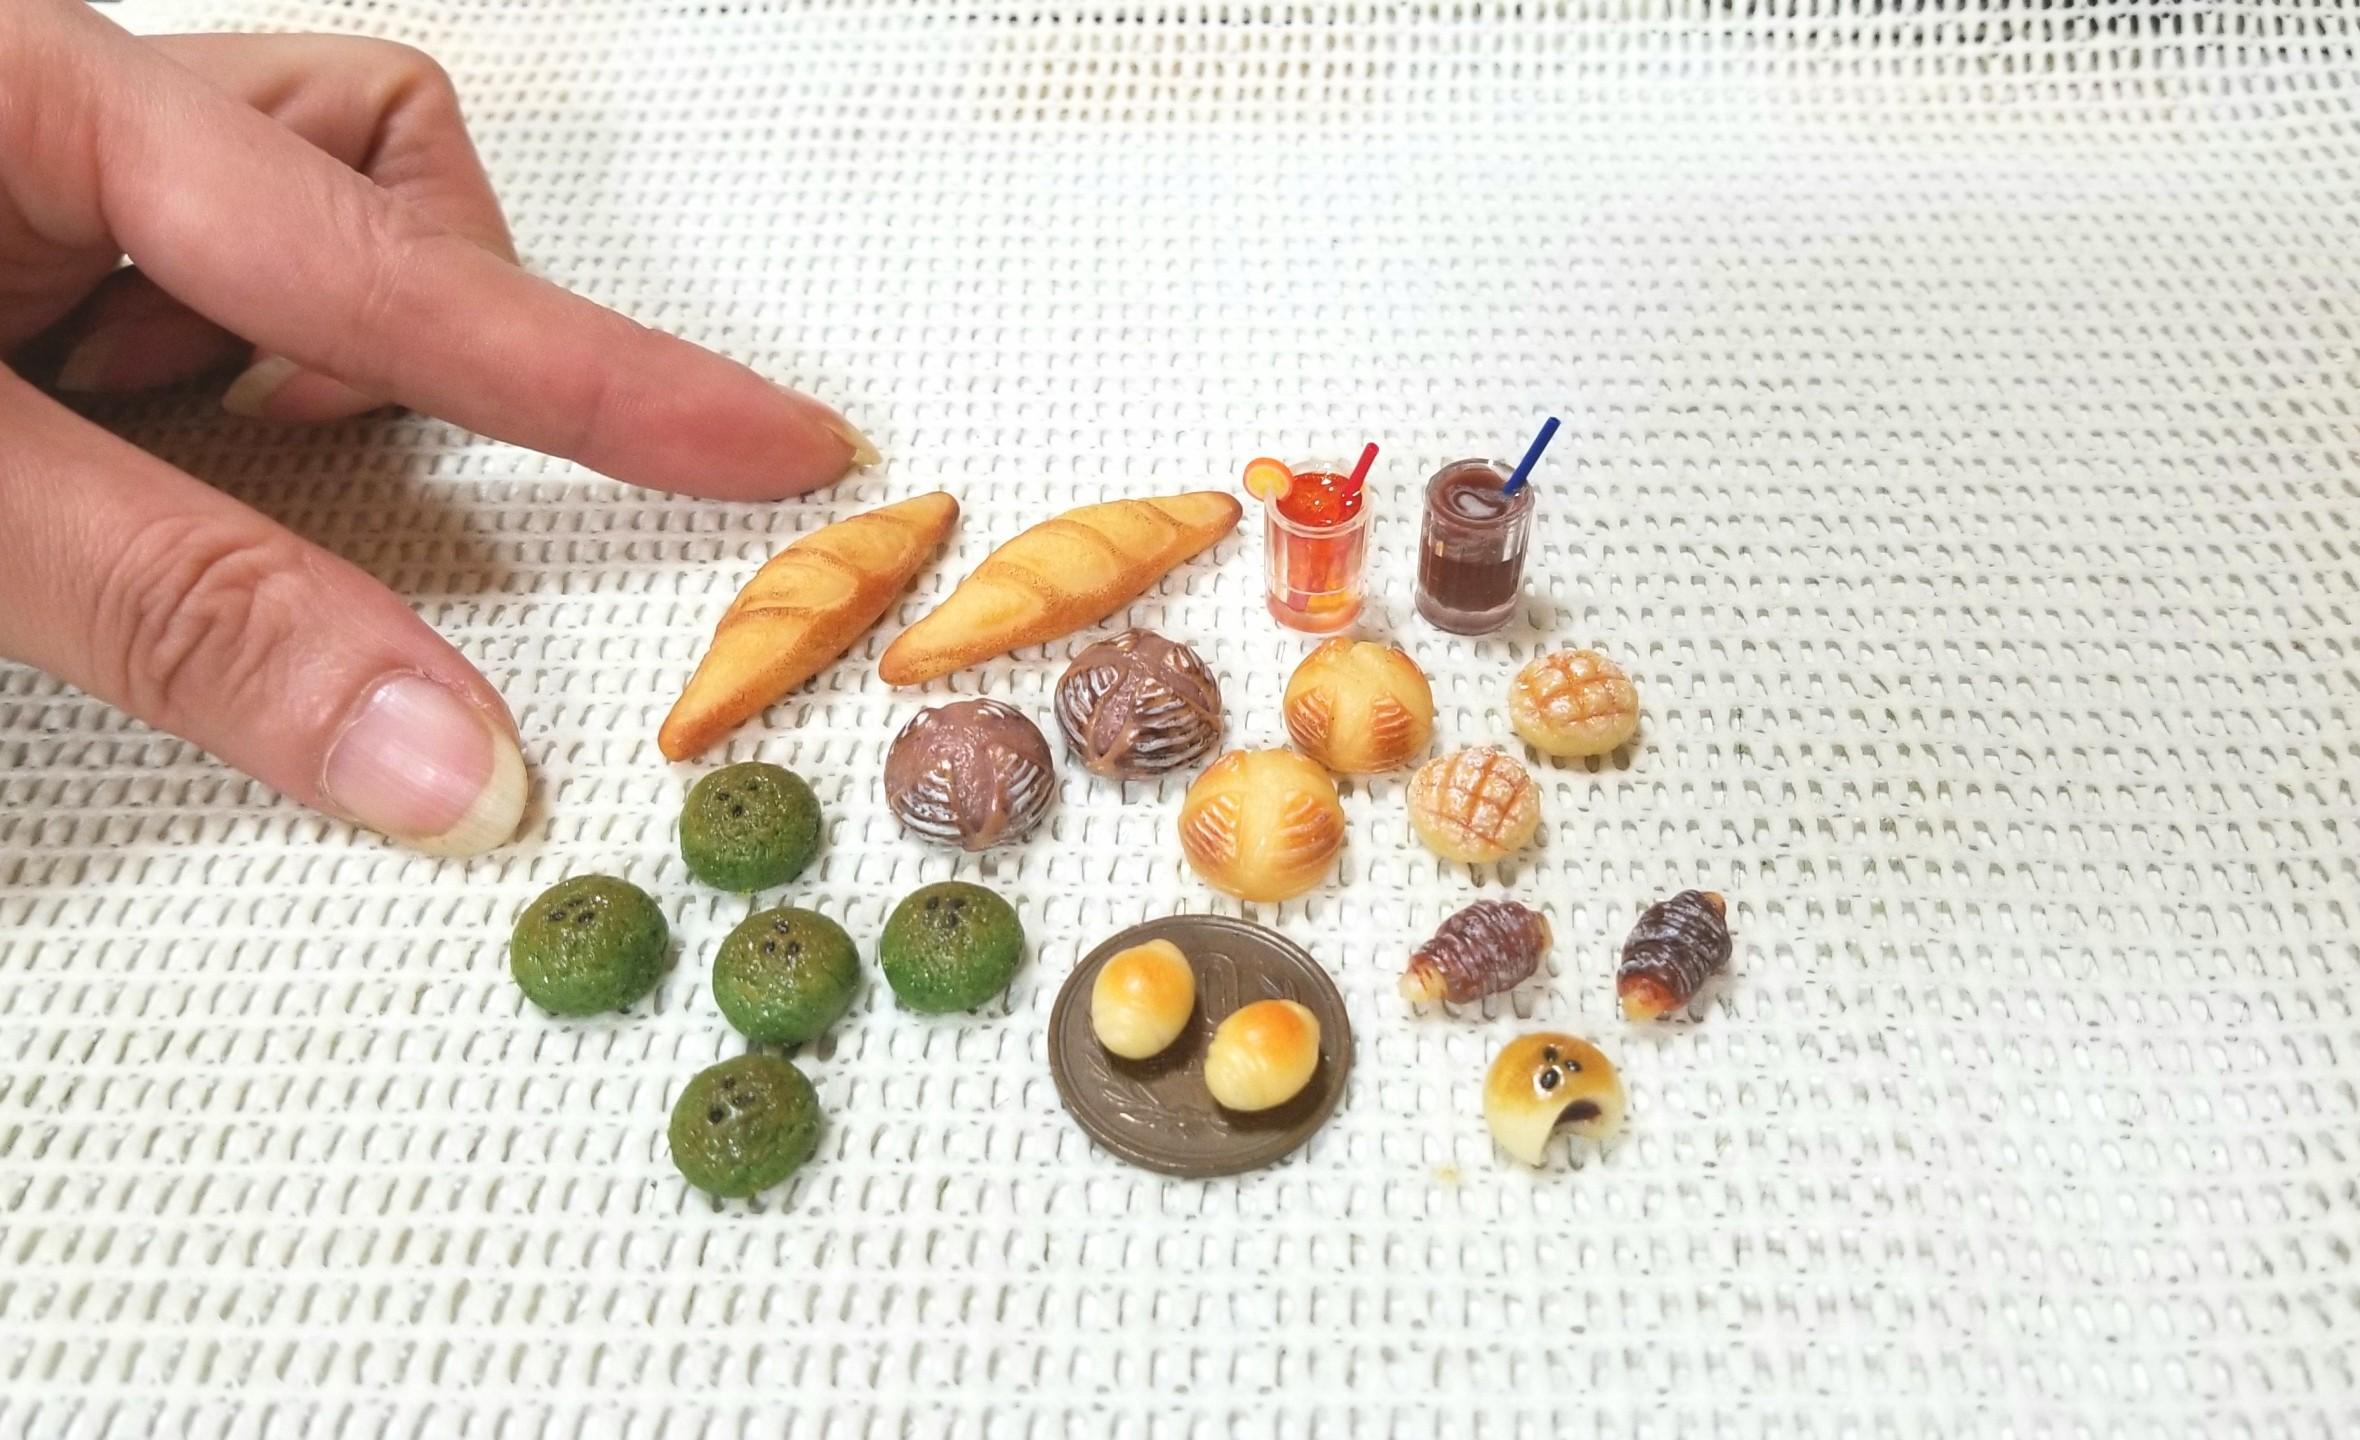 ミニチュアフード,ミンネ,オーダー品,樹脂粘土,よもぎパン,バケット